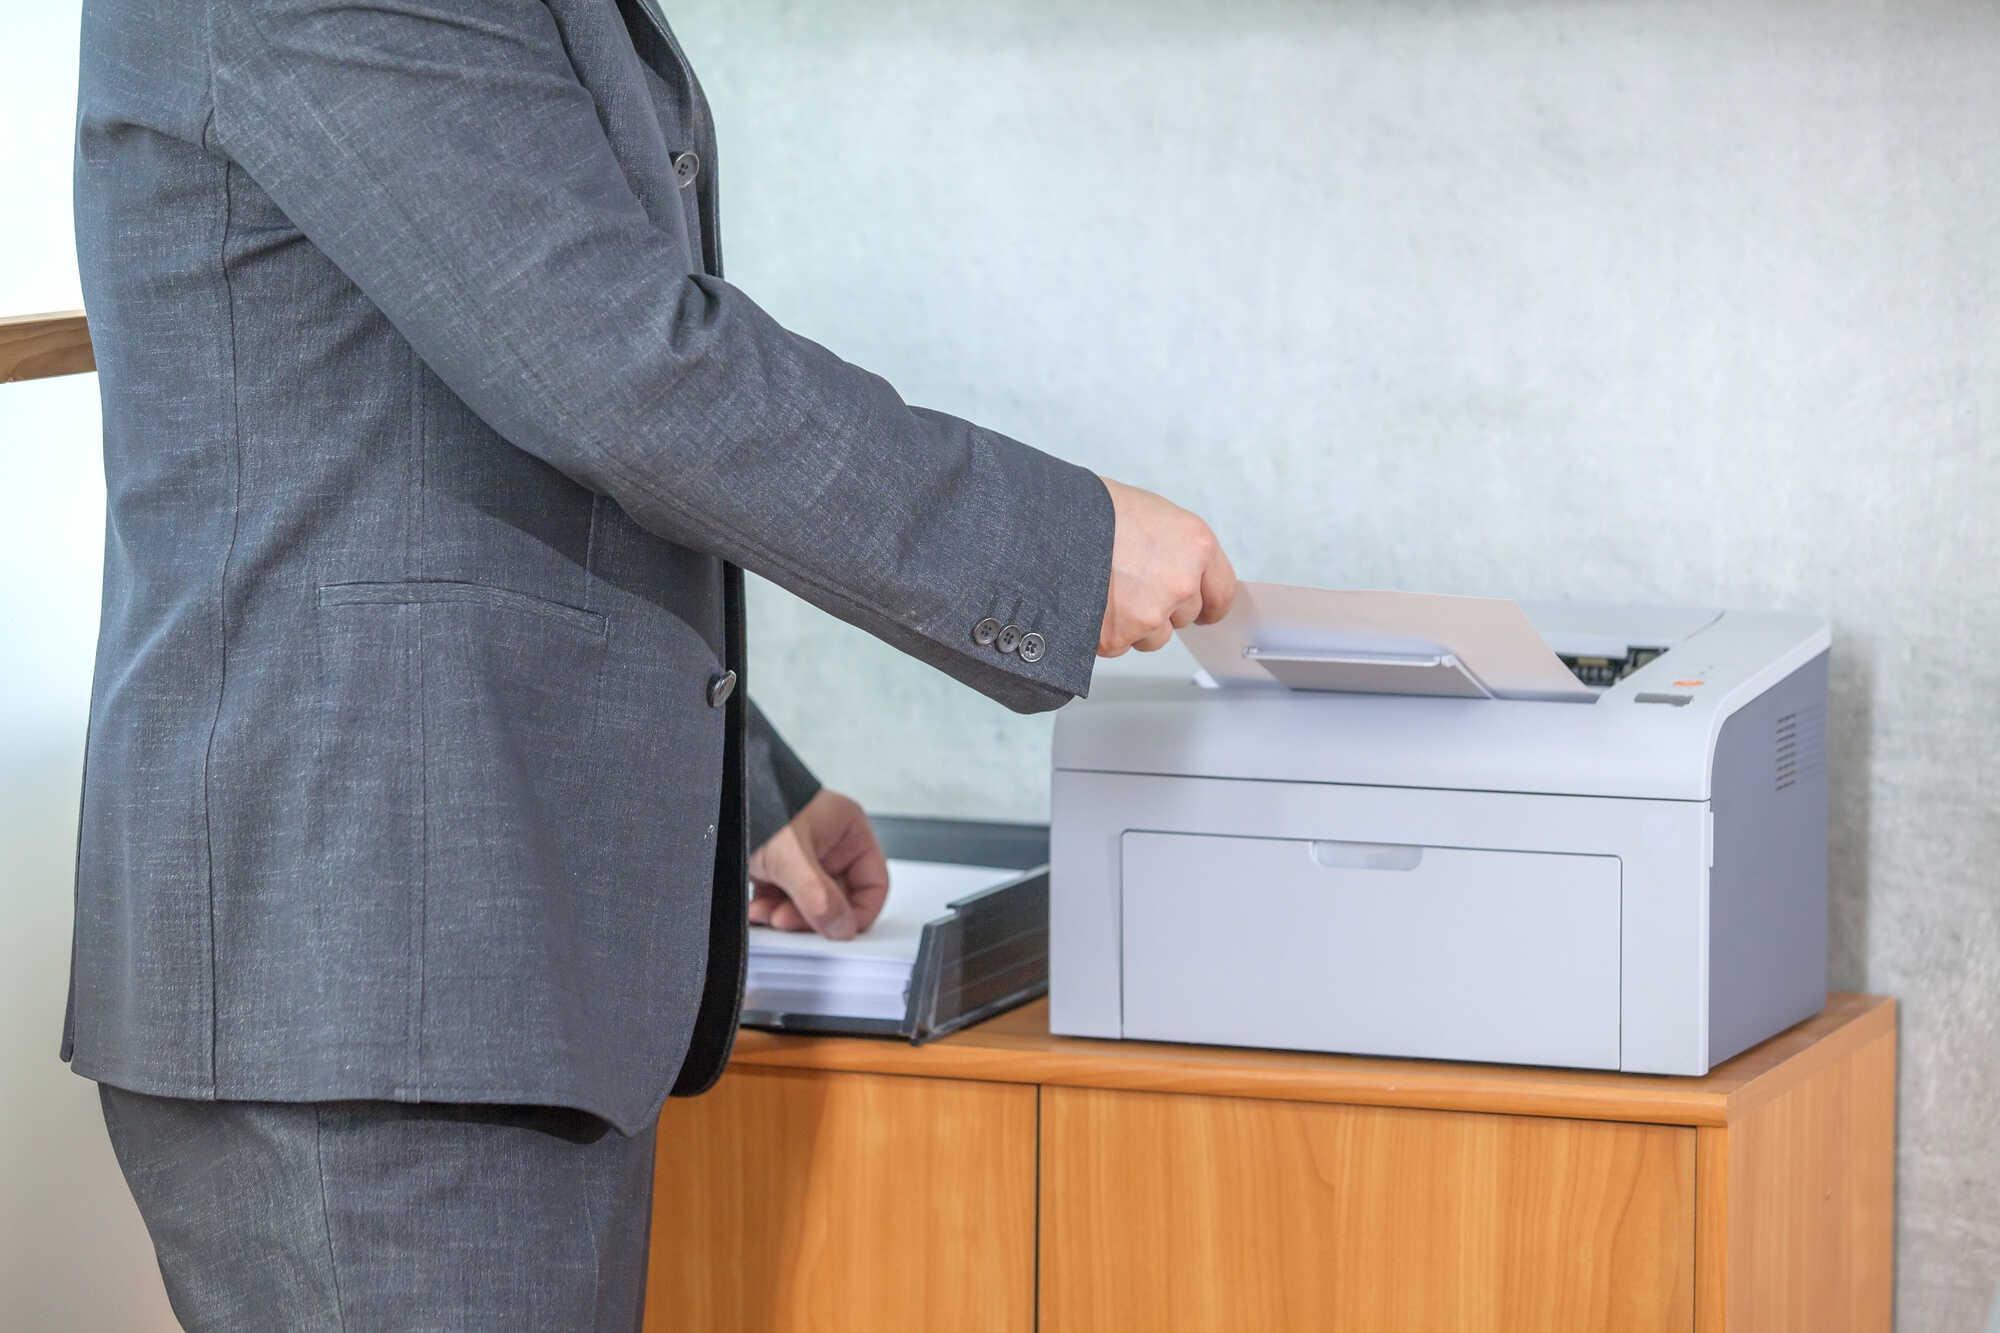 Jak nejlépe skladovat inkoustové náplně do tiskáren?